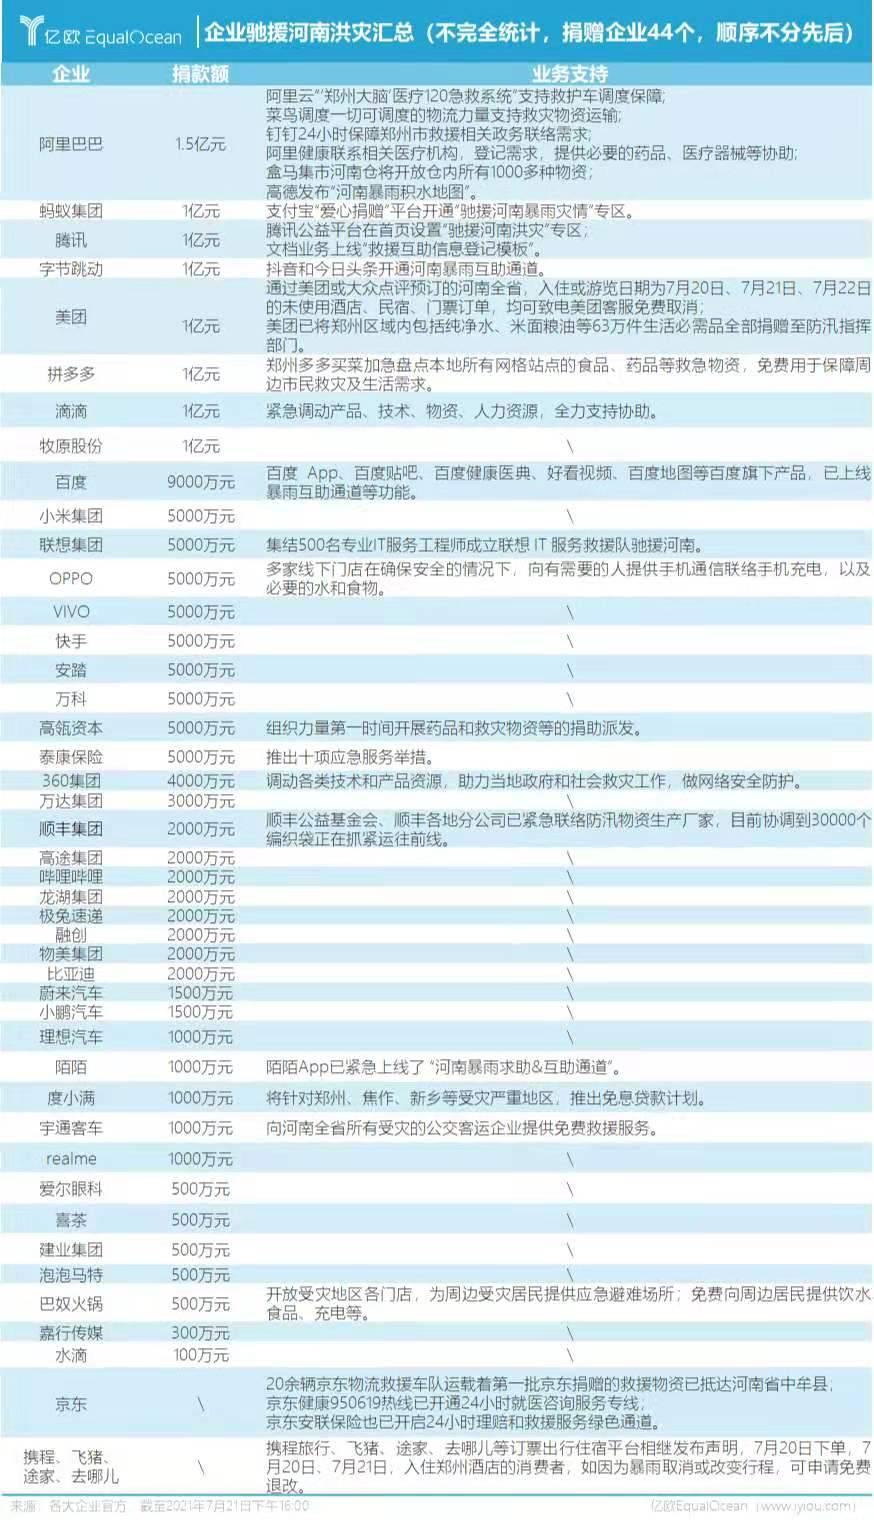 河南洪灾,中国企业在行动:40余家企业累计捐款超17亿